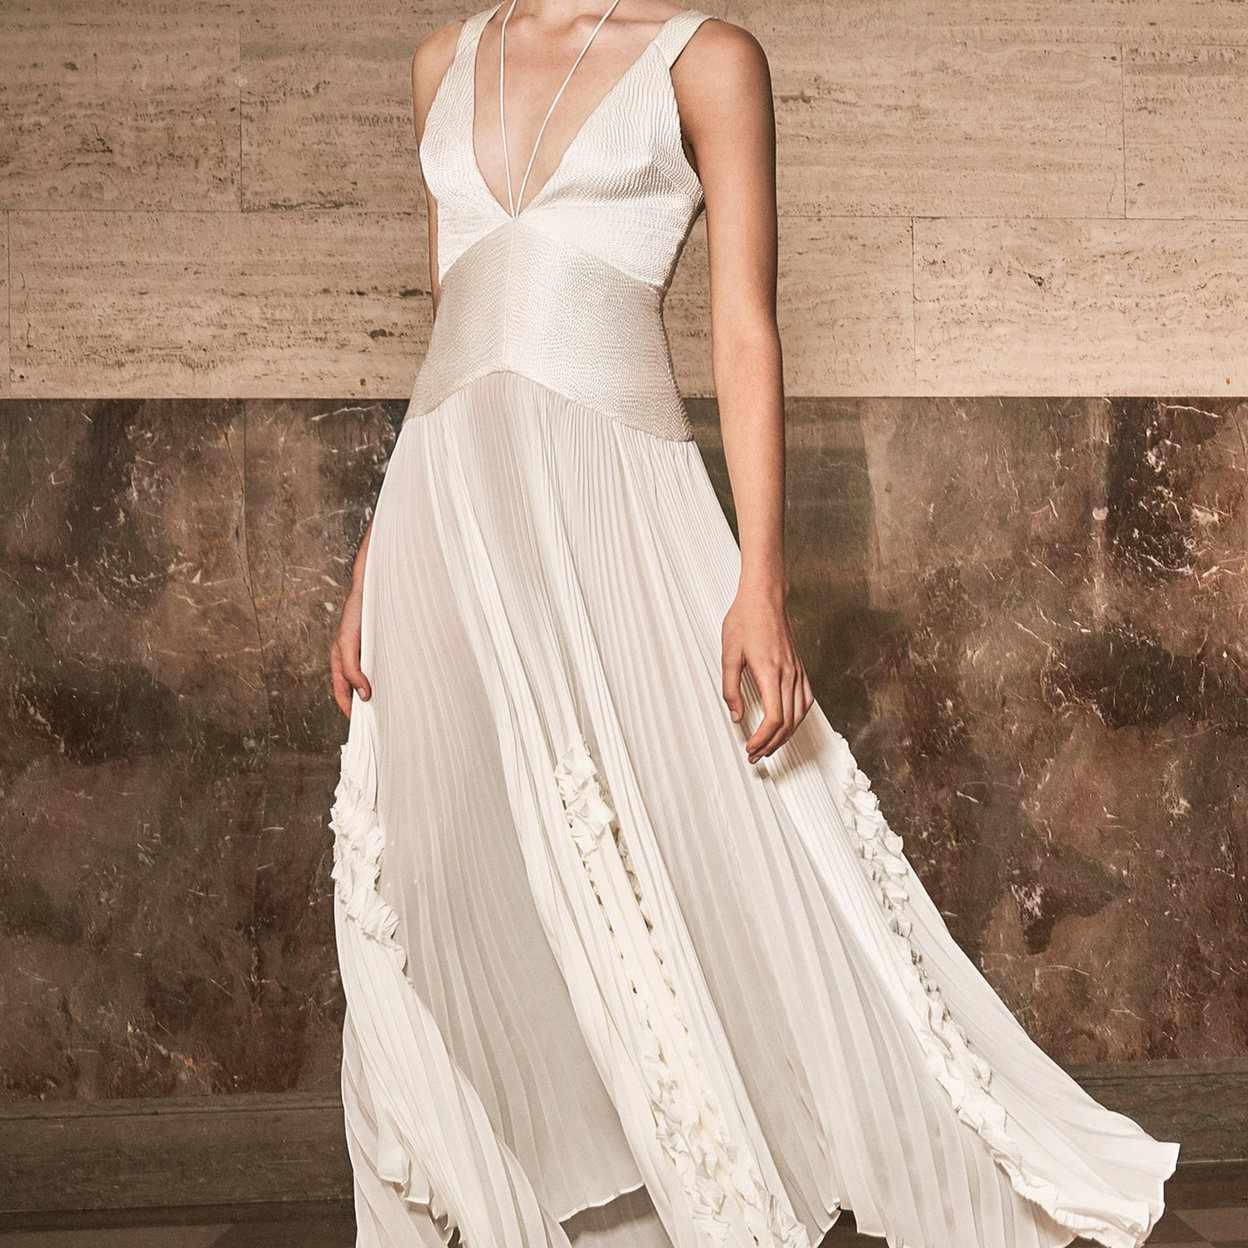 The 30 Best Wedding Reception Dresses,Farm Wedding Barn Wedding Dresses